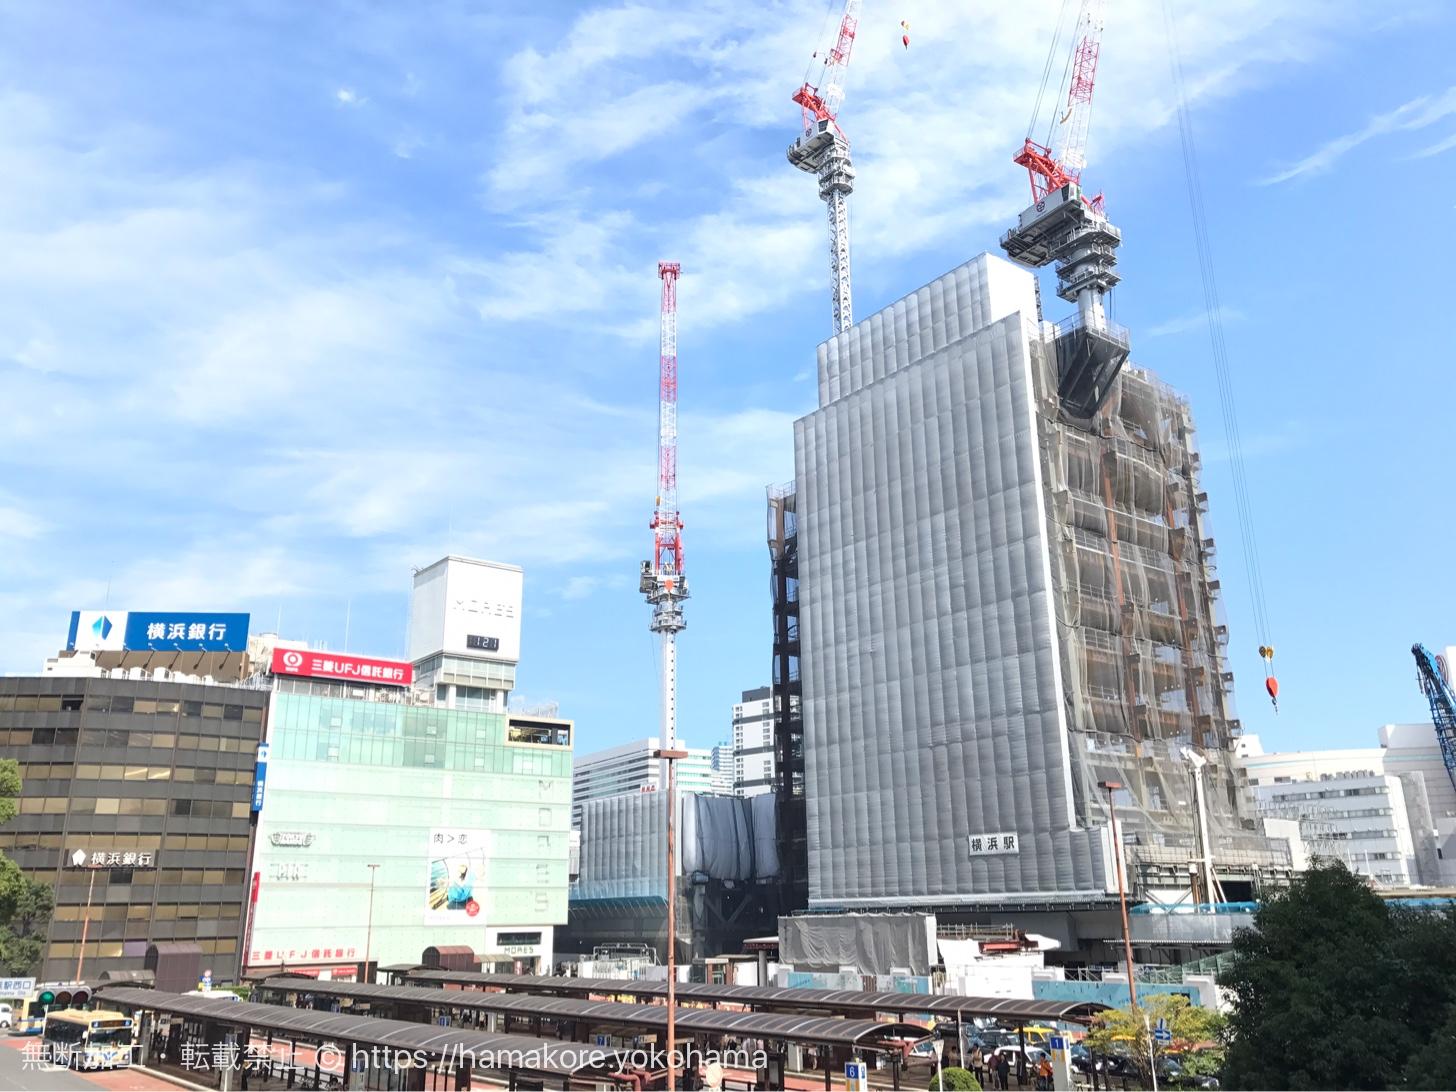 2017年9月 横浜駅西口 駅ビル完成までの様子 [写真掲載]